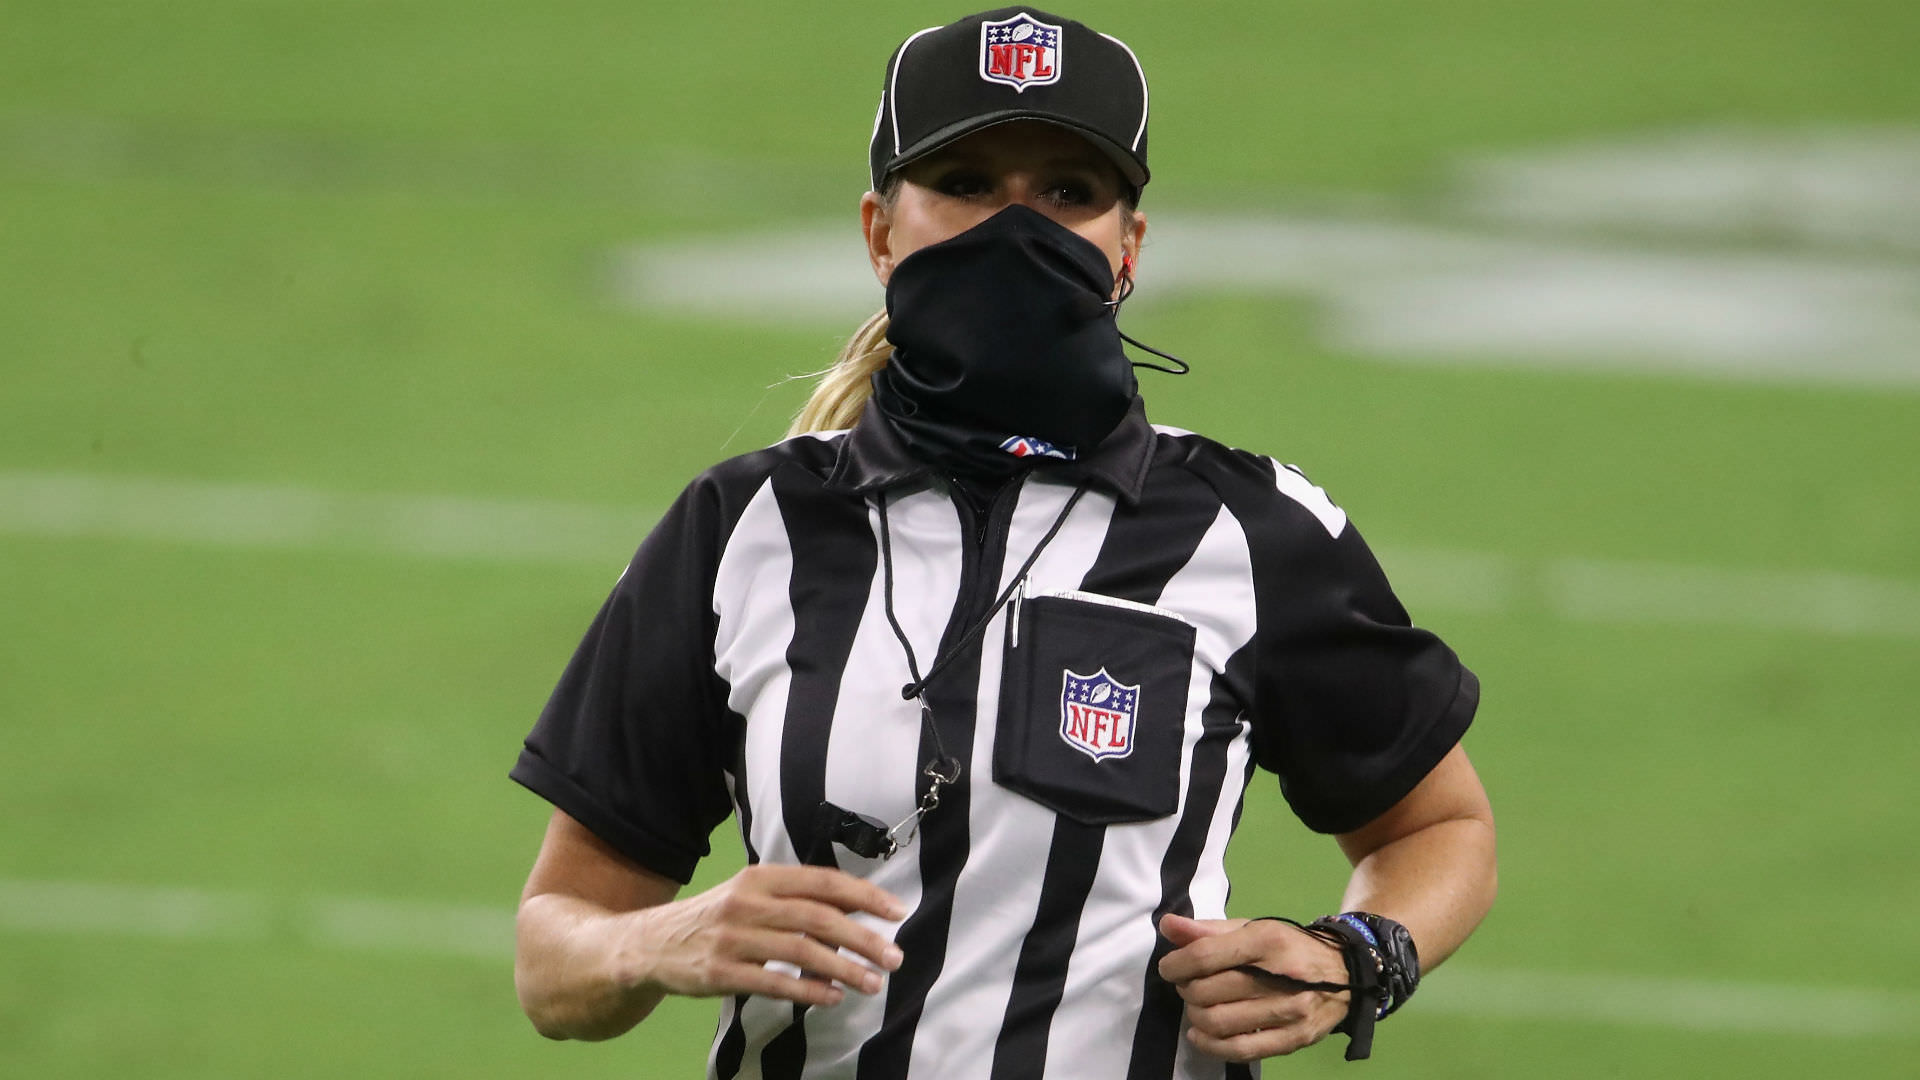 Quem é a árbitra da NFL? Conheça Sarah Thomas, a única mulher oficial da NFL em 2020